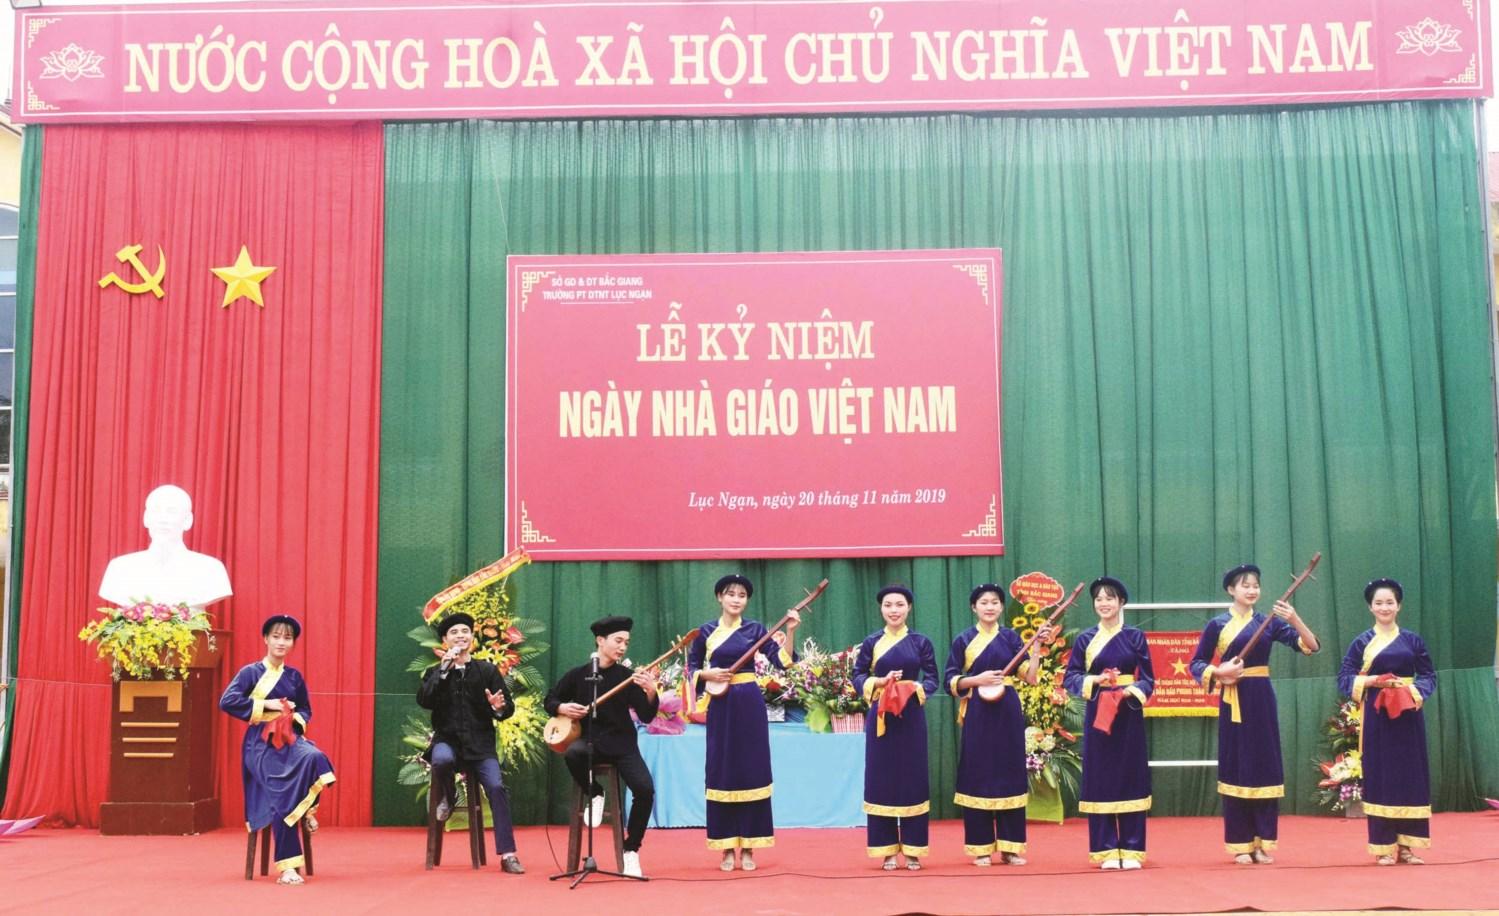 Tiết mục văn nghệ chào mừng ngày Nhà giáo Việt Nam 20/11 của học sinh Trường Phổ thông DTNT Lục Ngạn